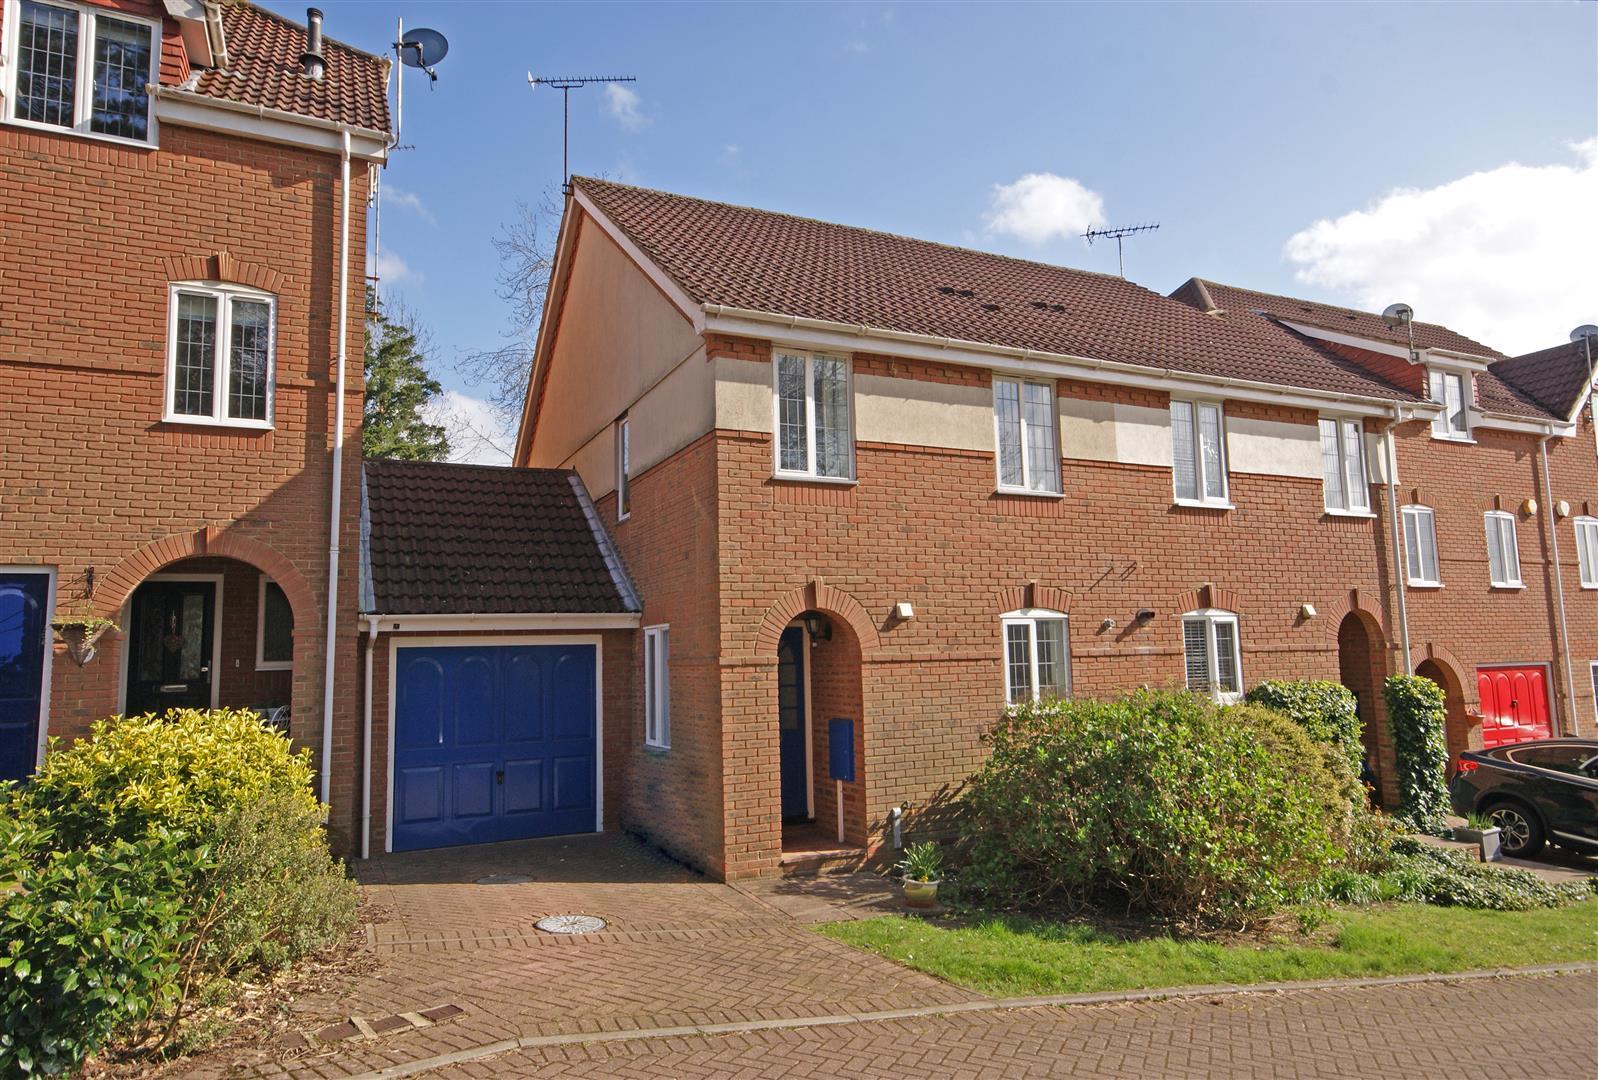 3 Bedroom Detached House For Sale Cotland Acres Redhill Surrey Rh1 6jz